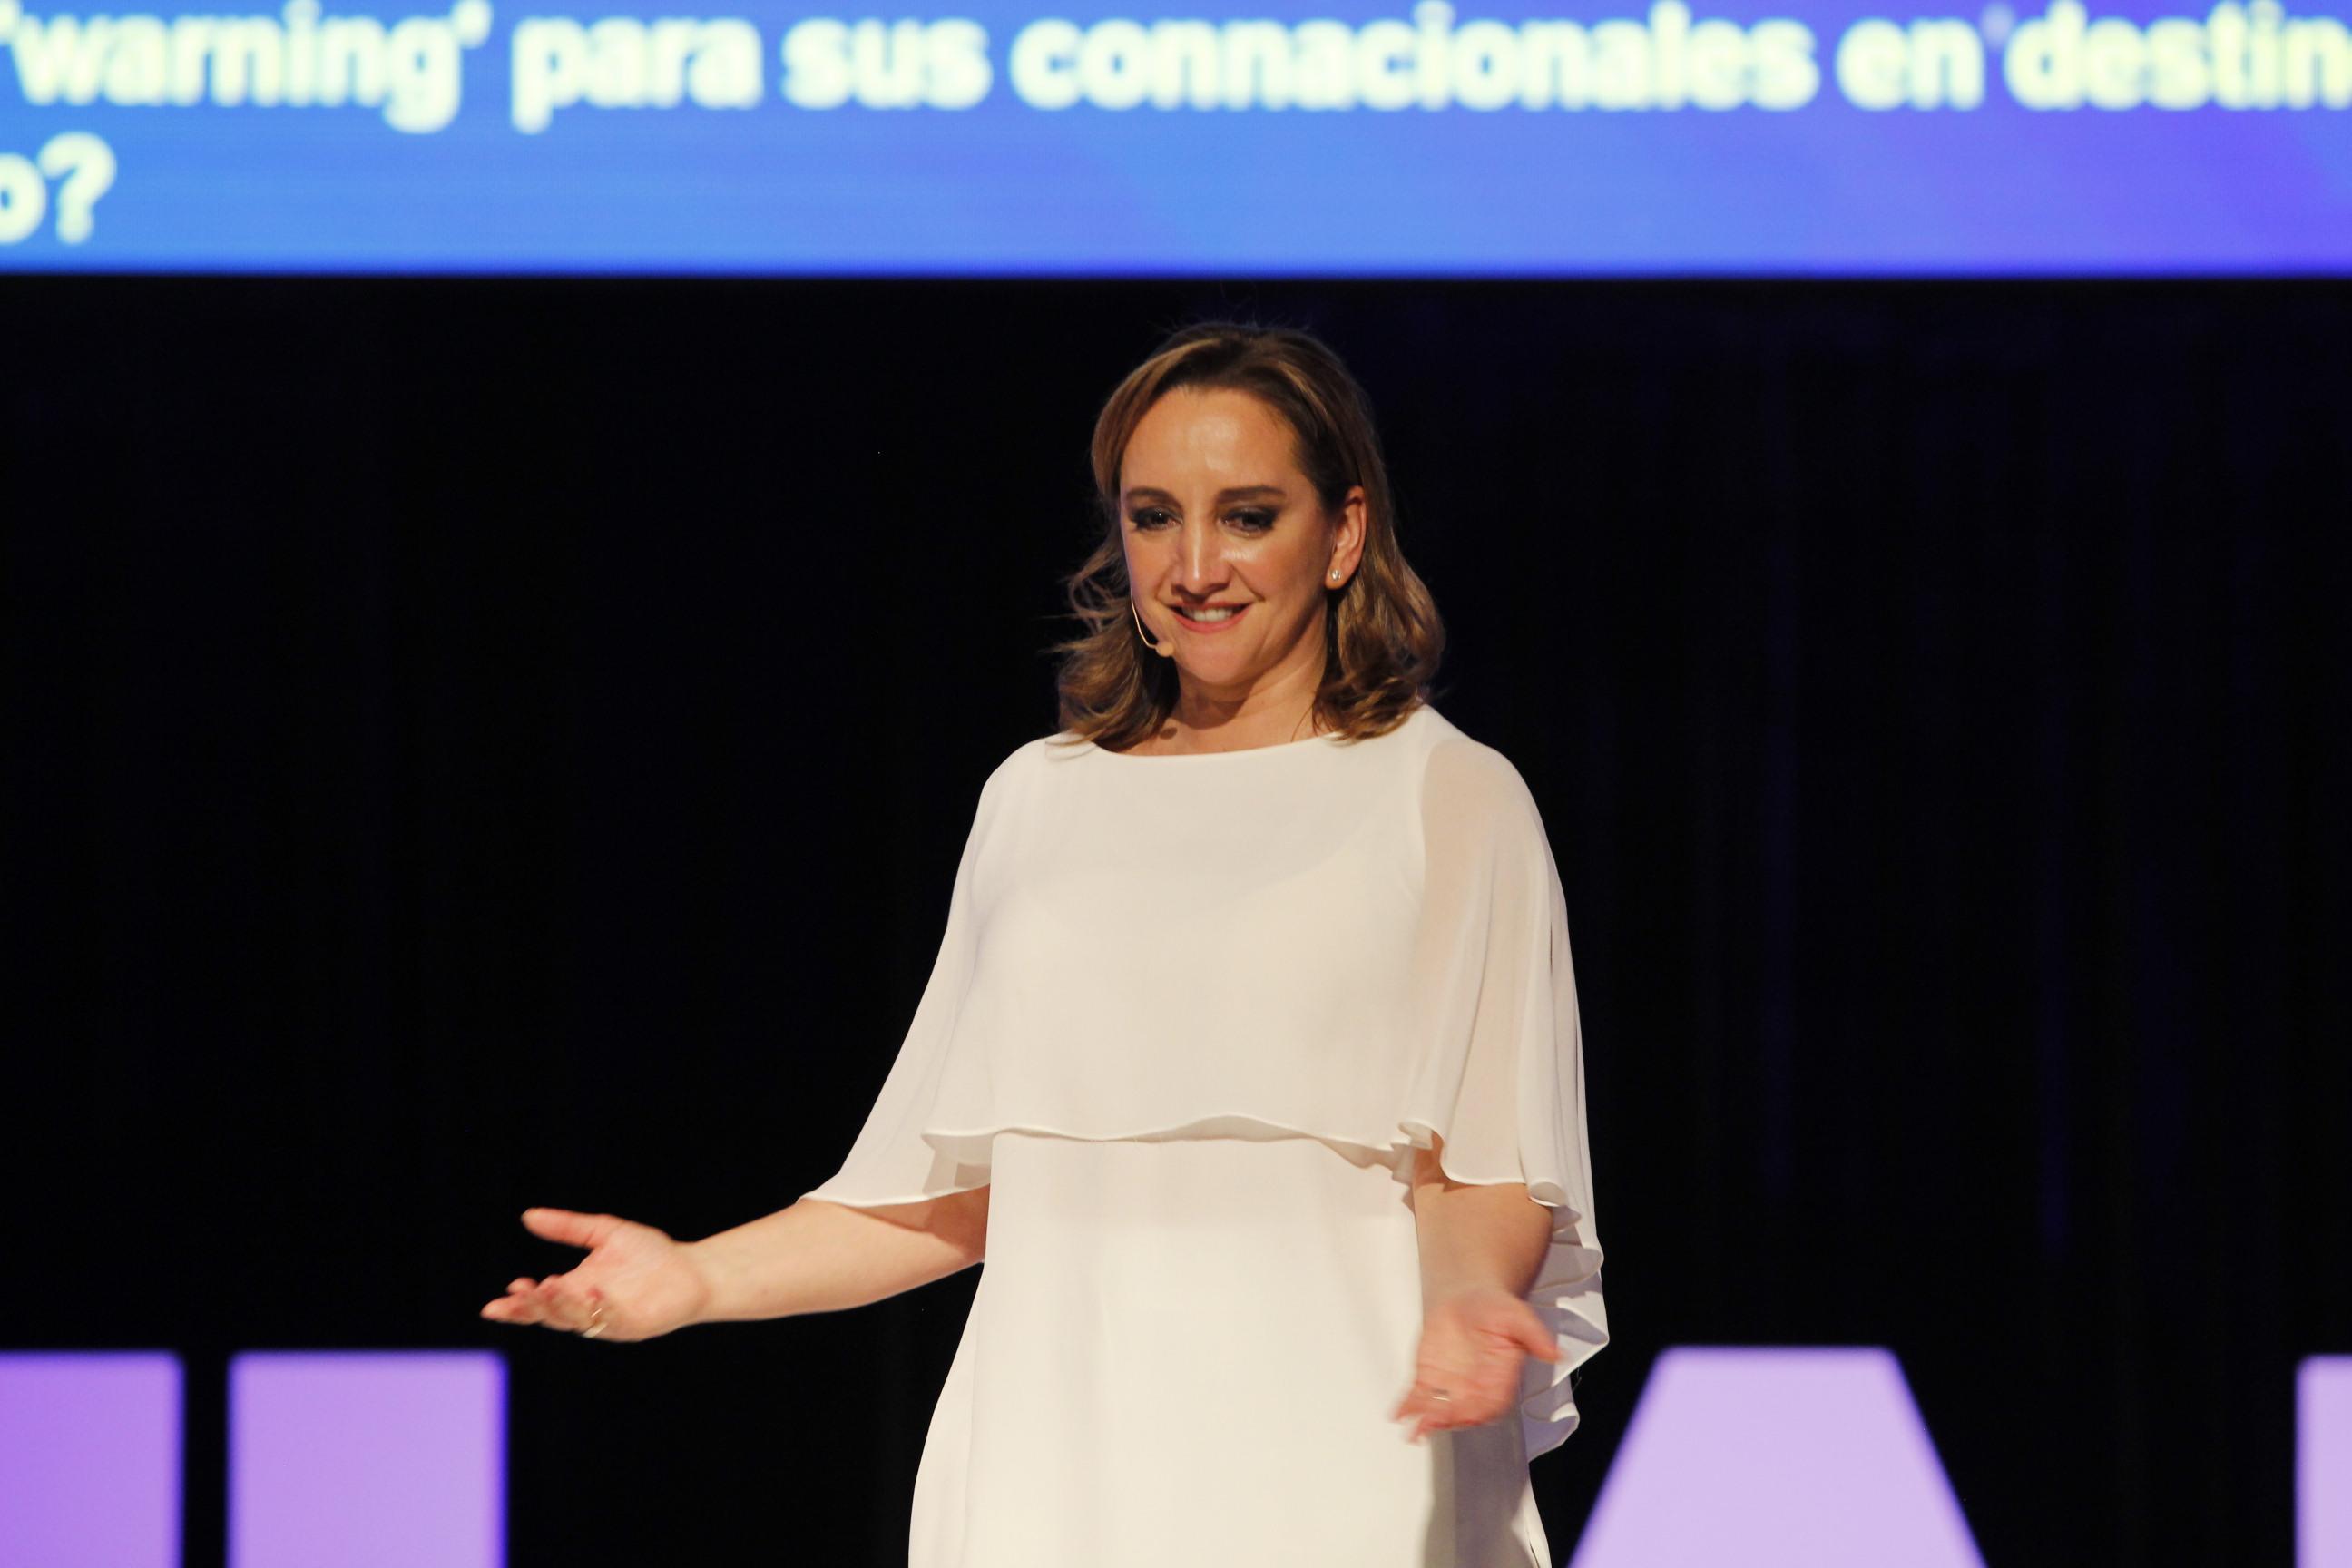 La Canciller Claudia Ruiz Massieu participó en el ciclo de conferencias Era Familiar Princess 2016 donde destacó que las directrices de la política exterior que se implementan desde la Cancillería inciden en México y son un instrumento para construir bien